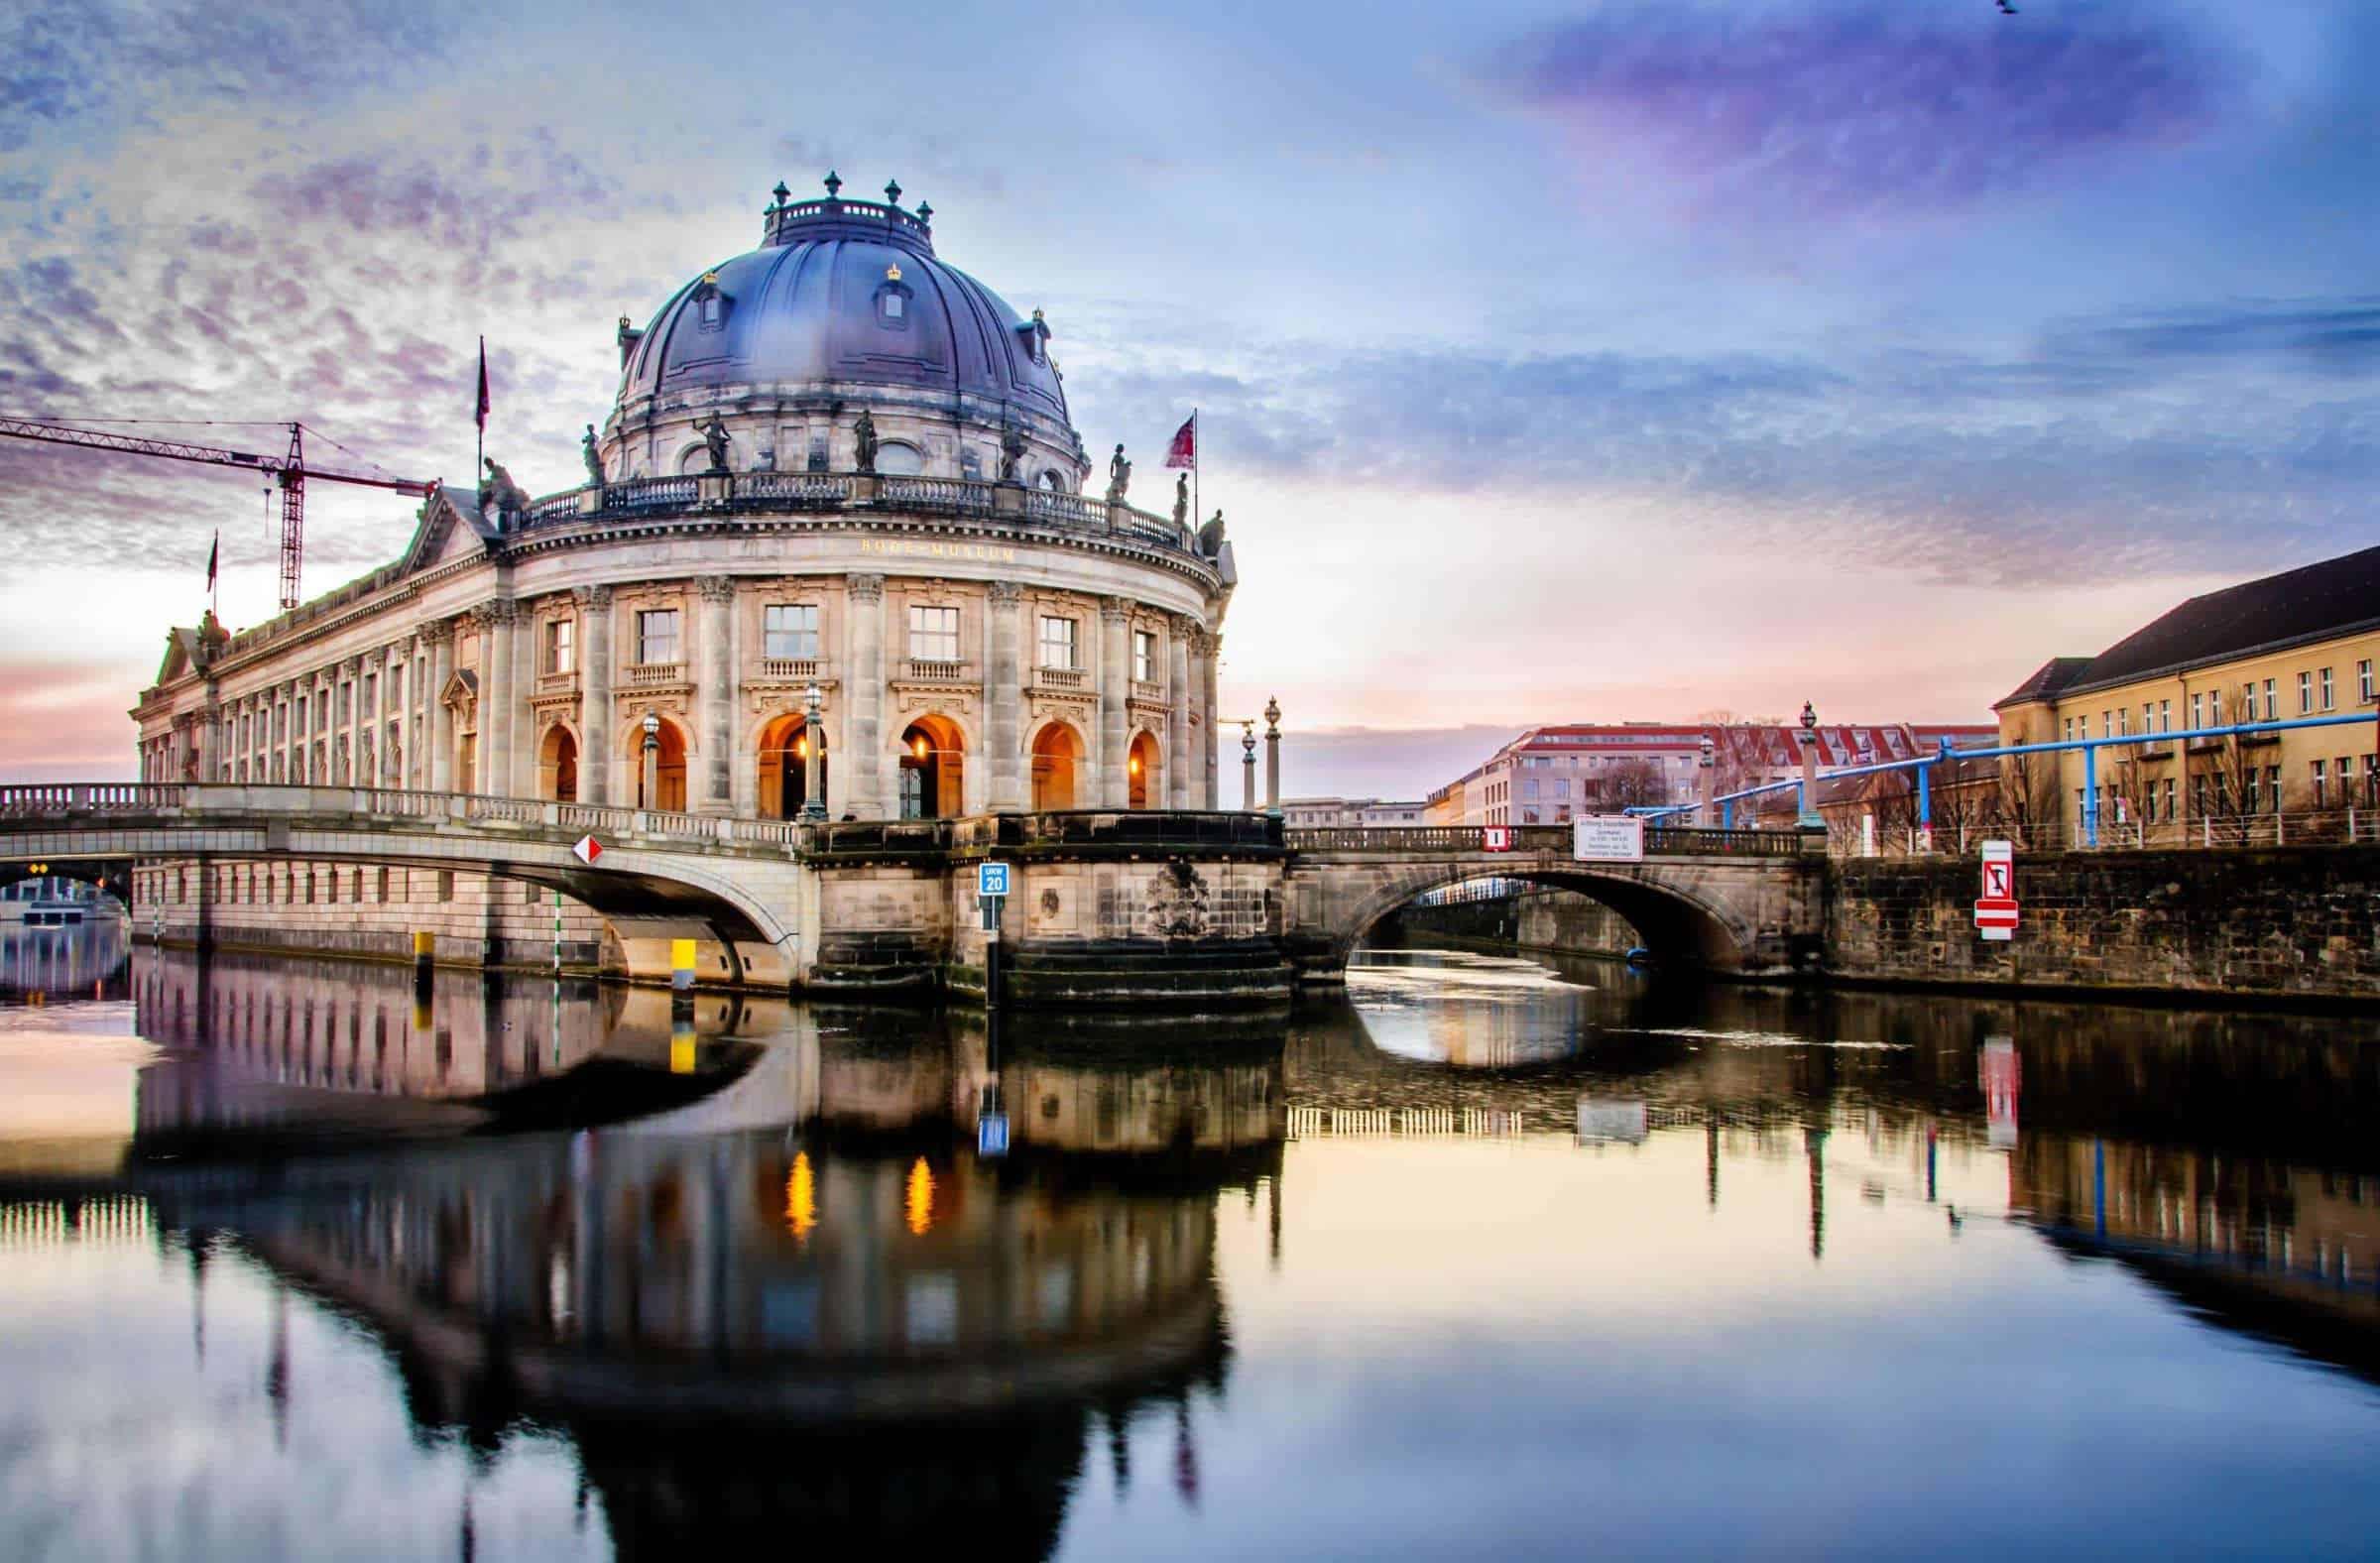 Alemania: vandalizaron alrededor de 70 piezas en 3 galerías de la Isla de los Museos de Berlín